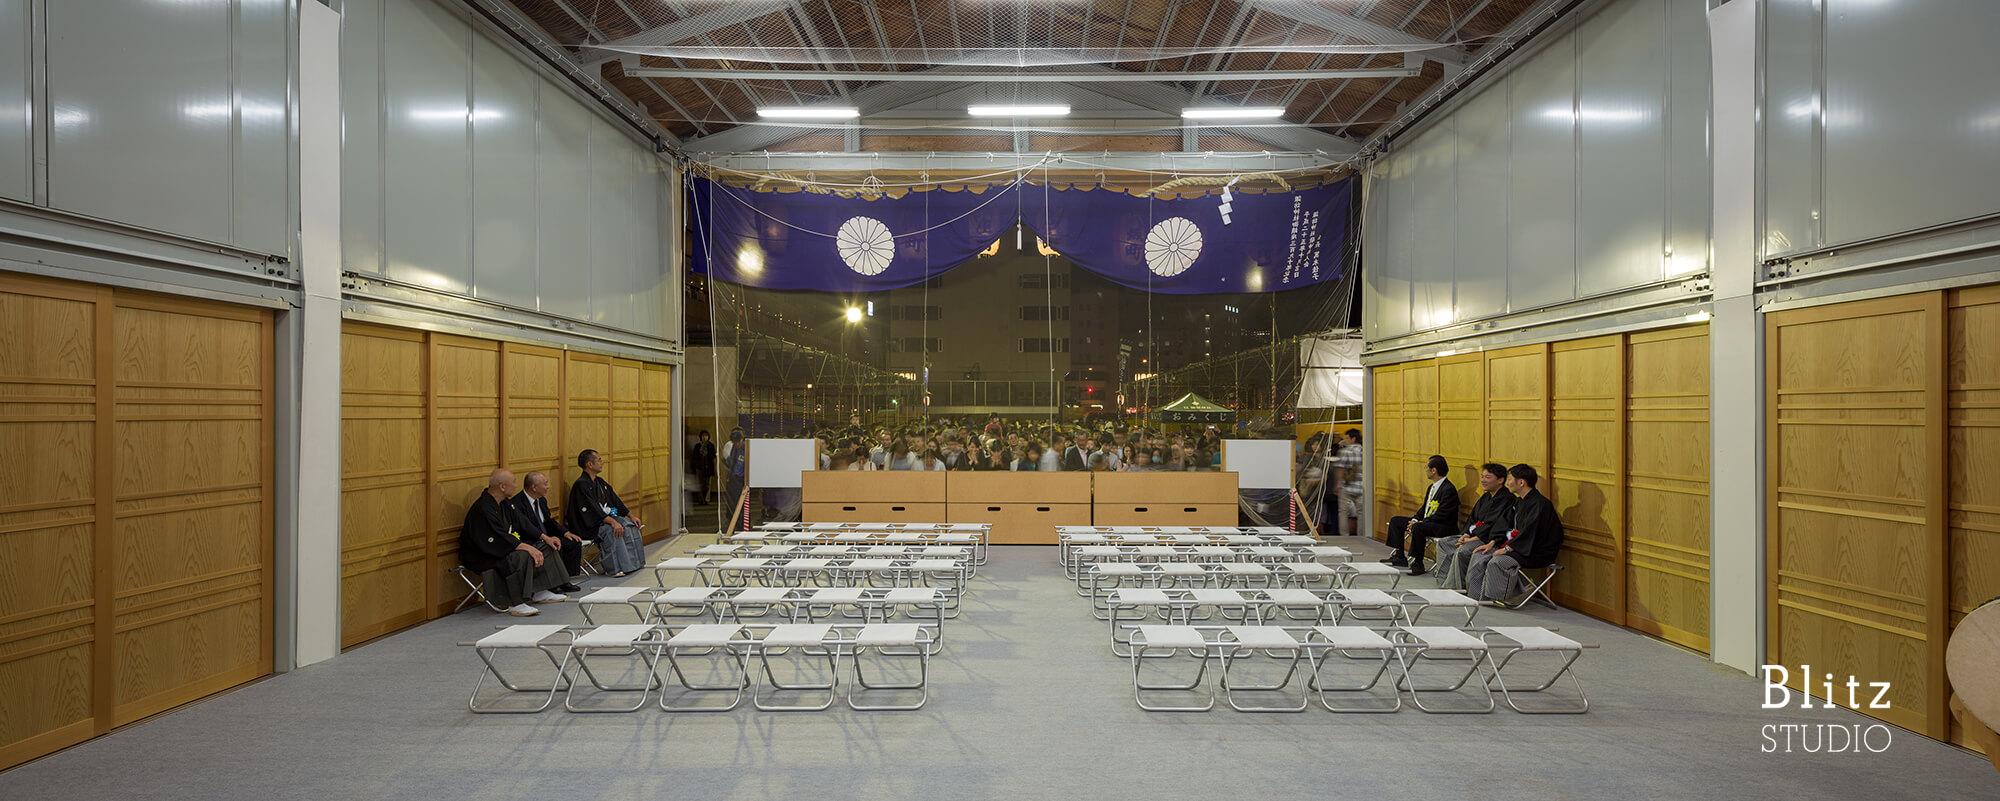 『諏訪神社 お旅所』建築写真・竣工写真・インテリア写真10